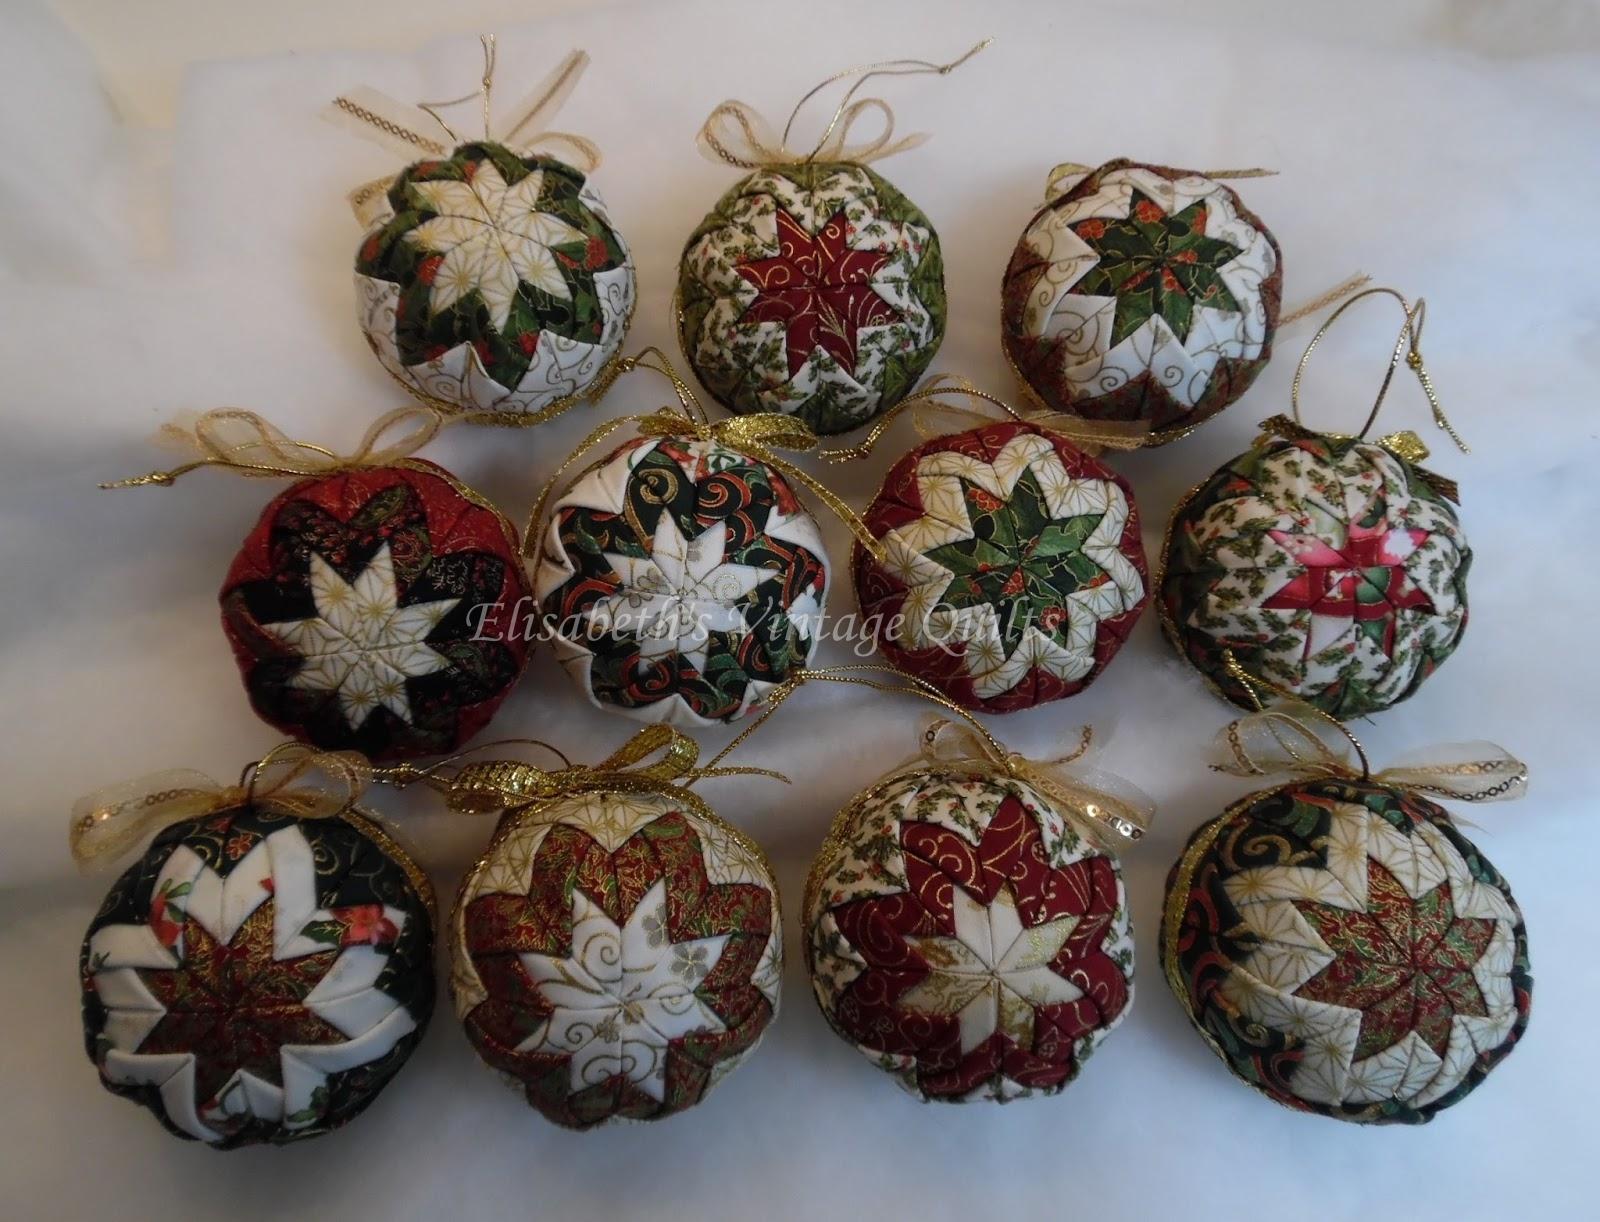 Elisabeth 39 s vintage quilts kerstballen van stof for Quilt maken met naaimachine